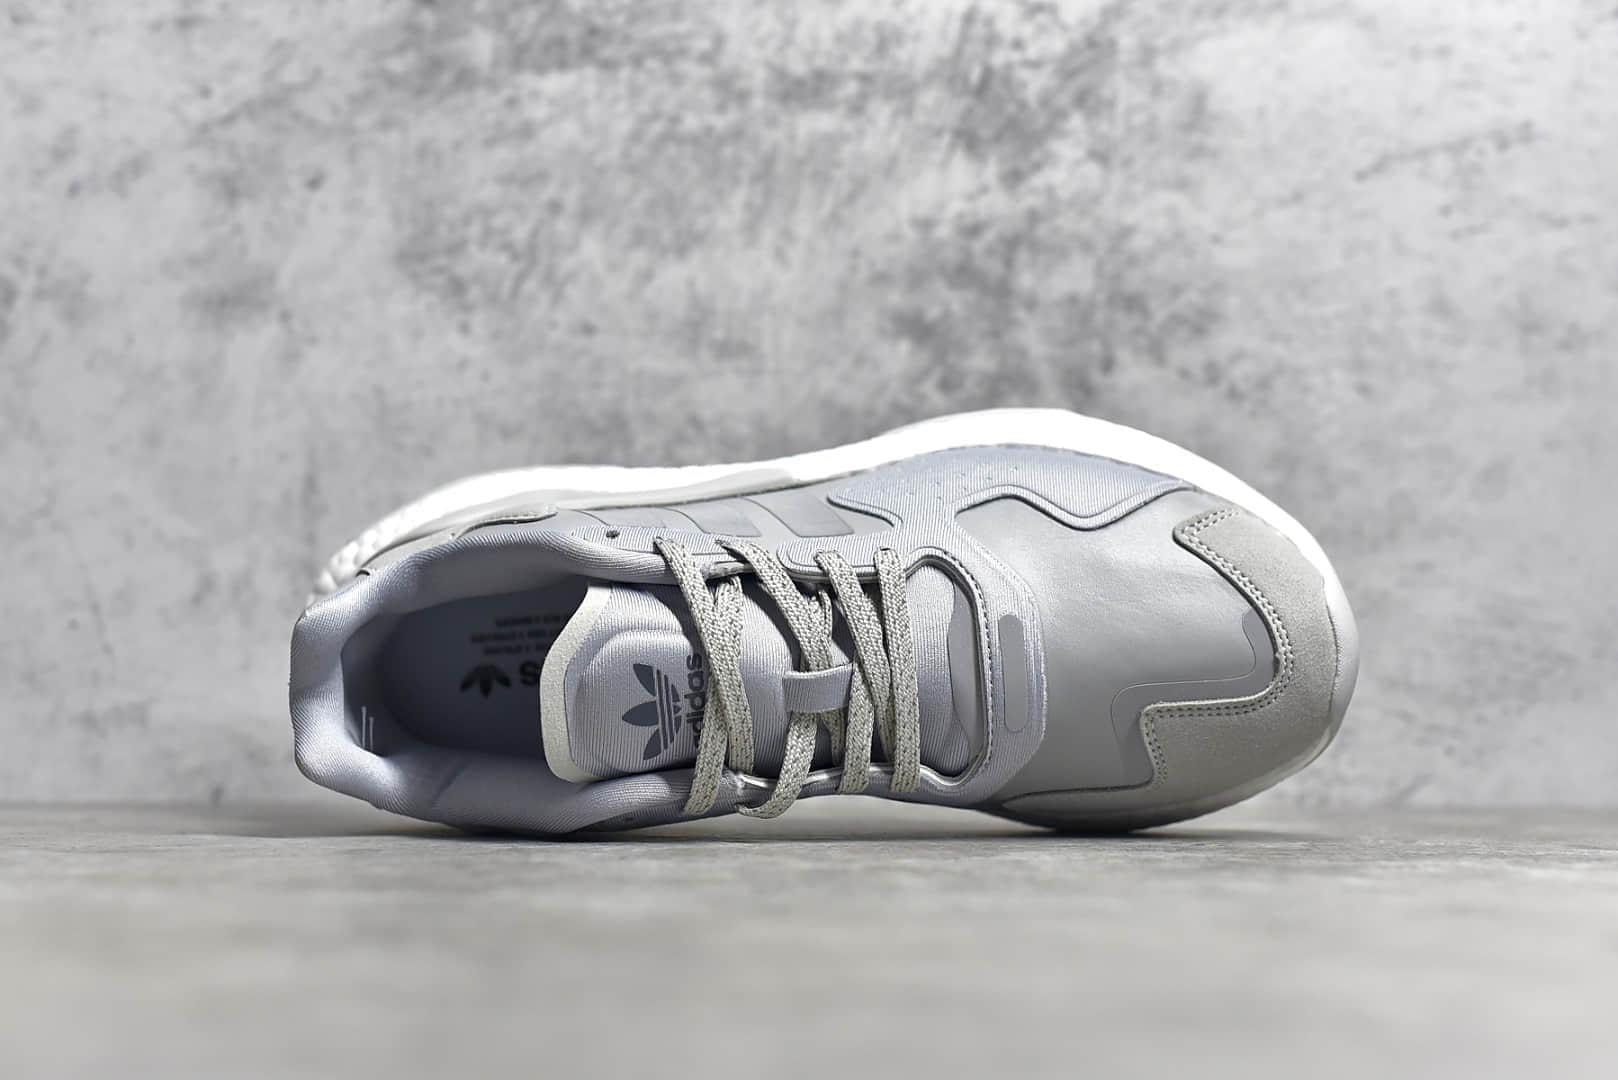 阿迪达斯夜行者灰白色跑鞋 adidas Day Jogger 夜行者二代BOOST超软慢跑鞋 货号:FV3255-潮流者之家